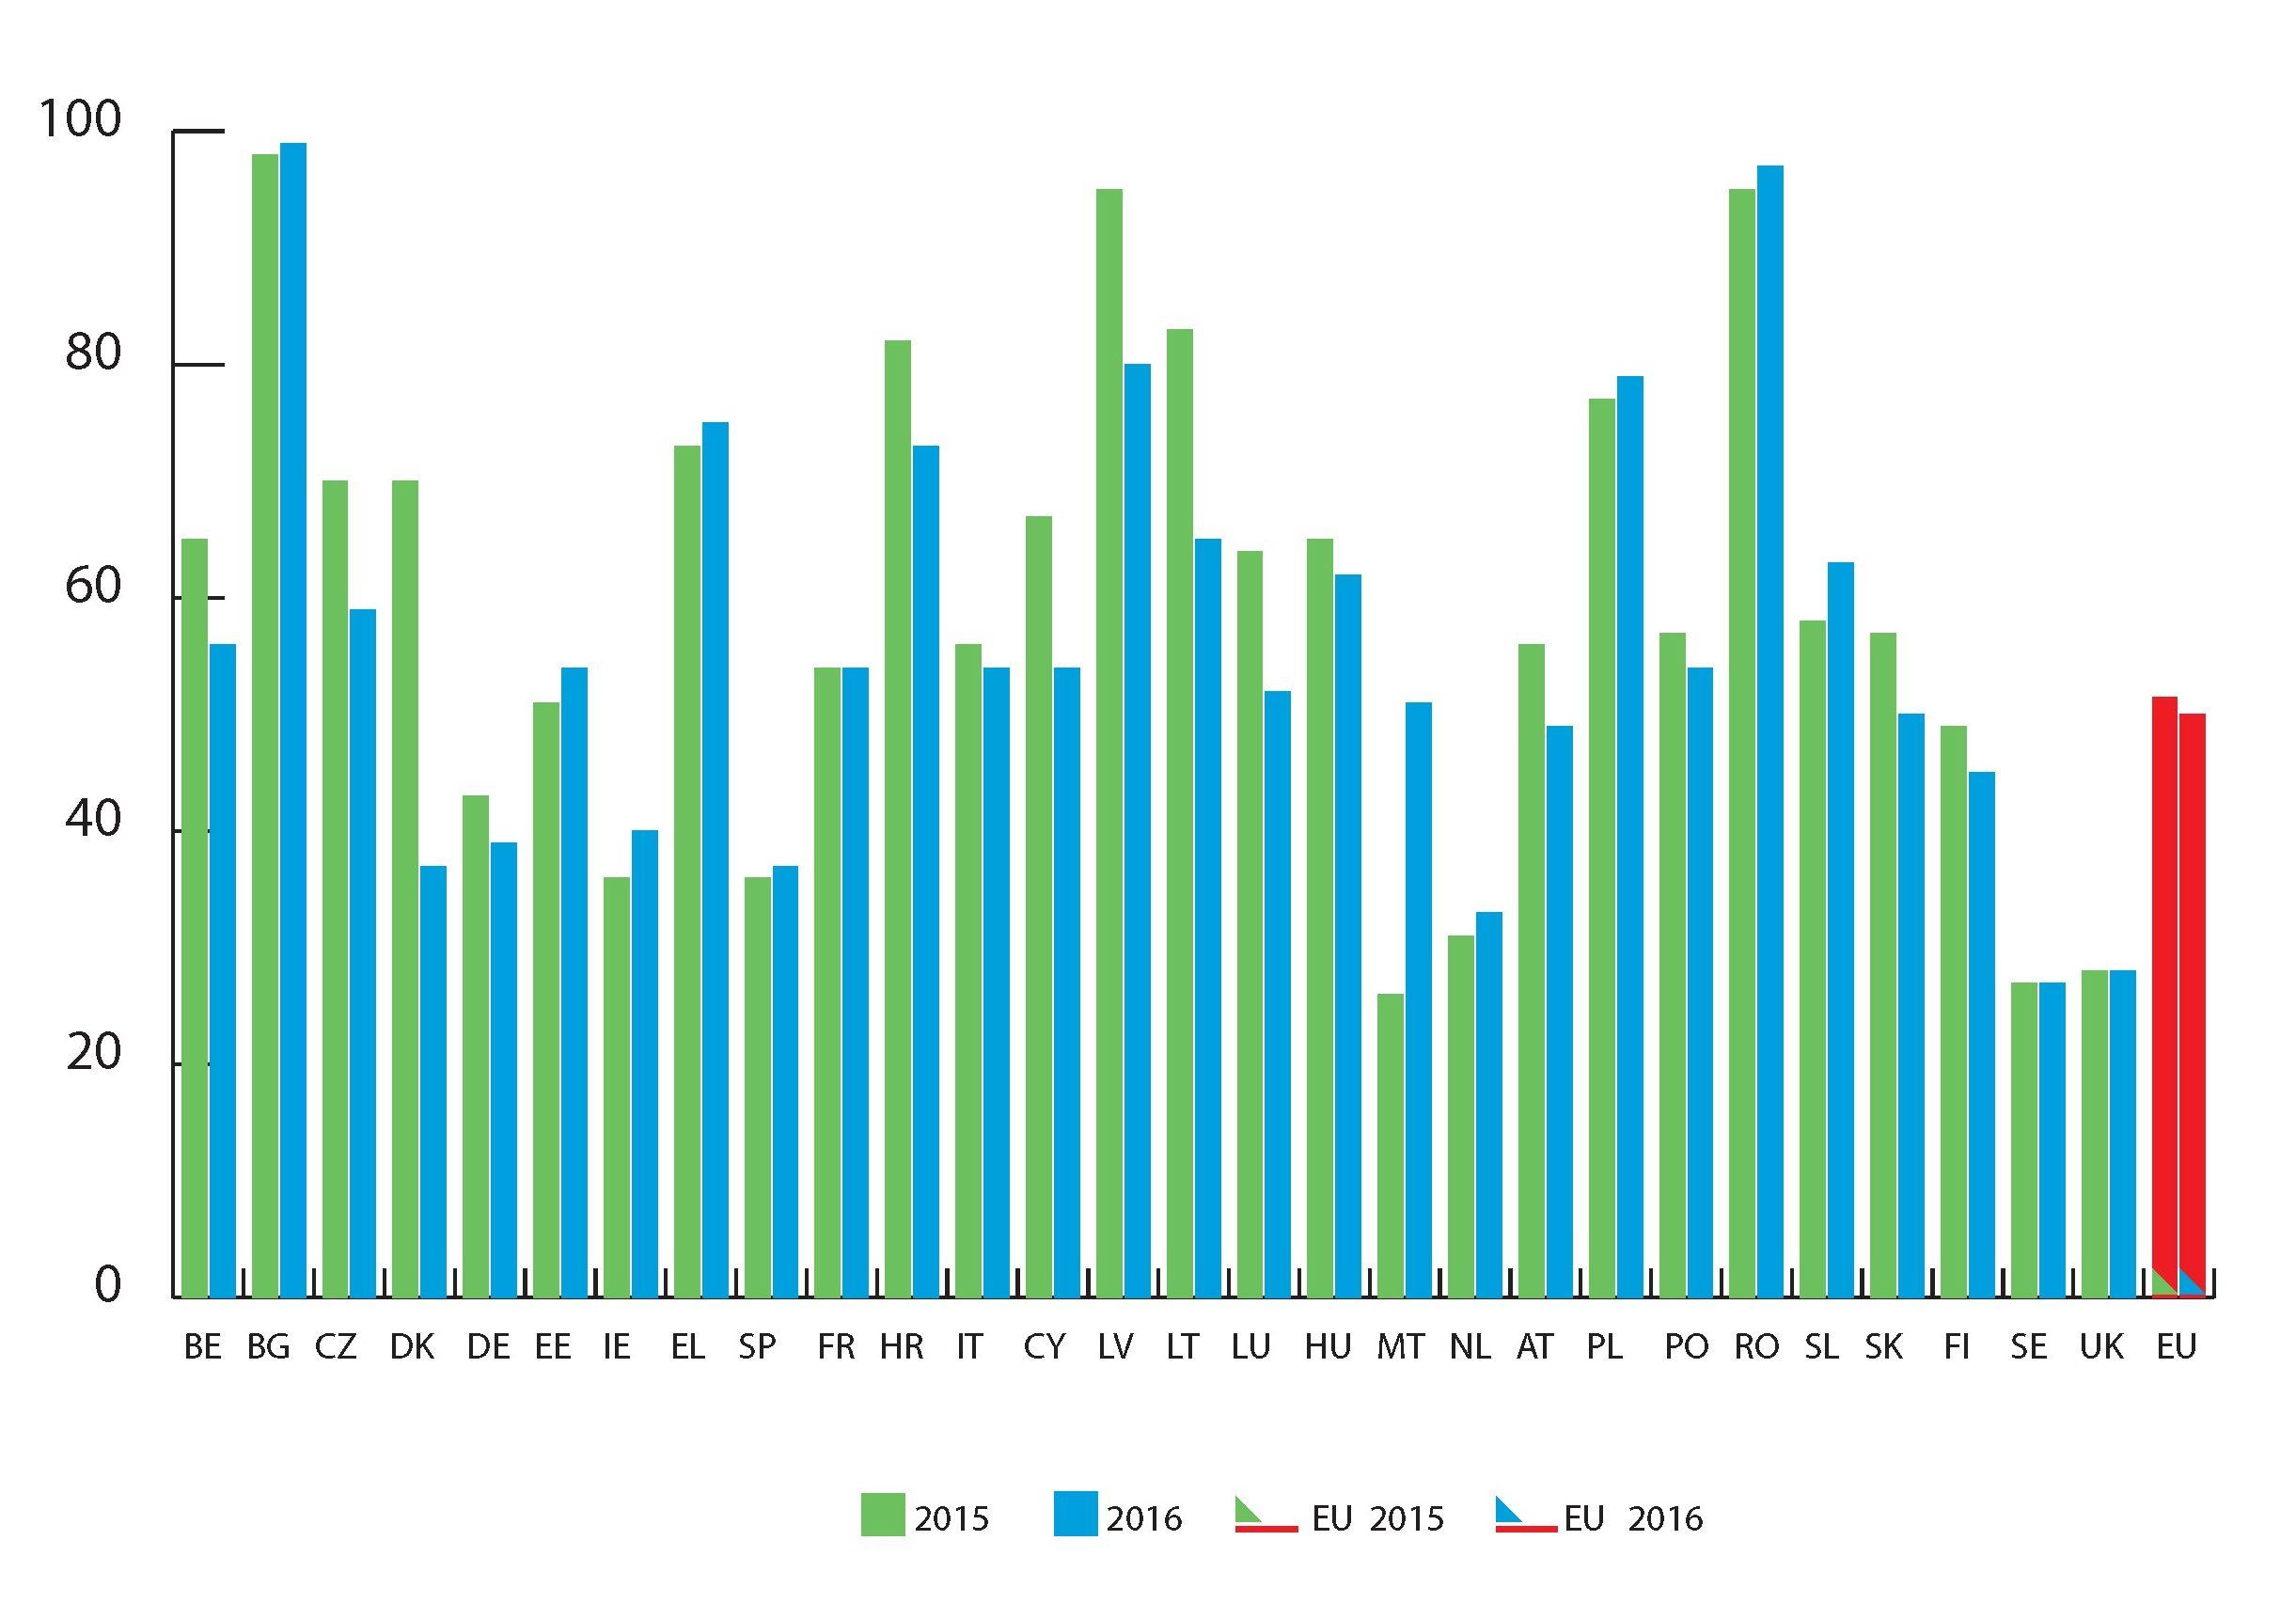 Evolution mortalité routière pays européens 2015-2016